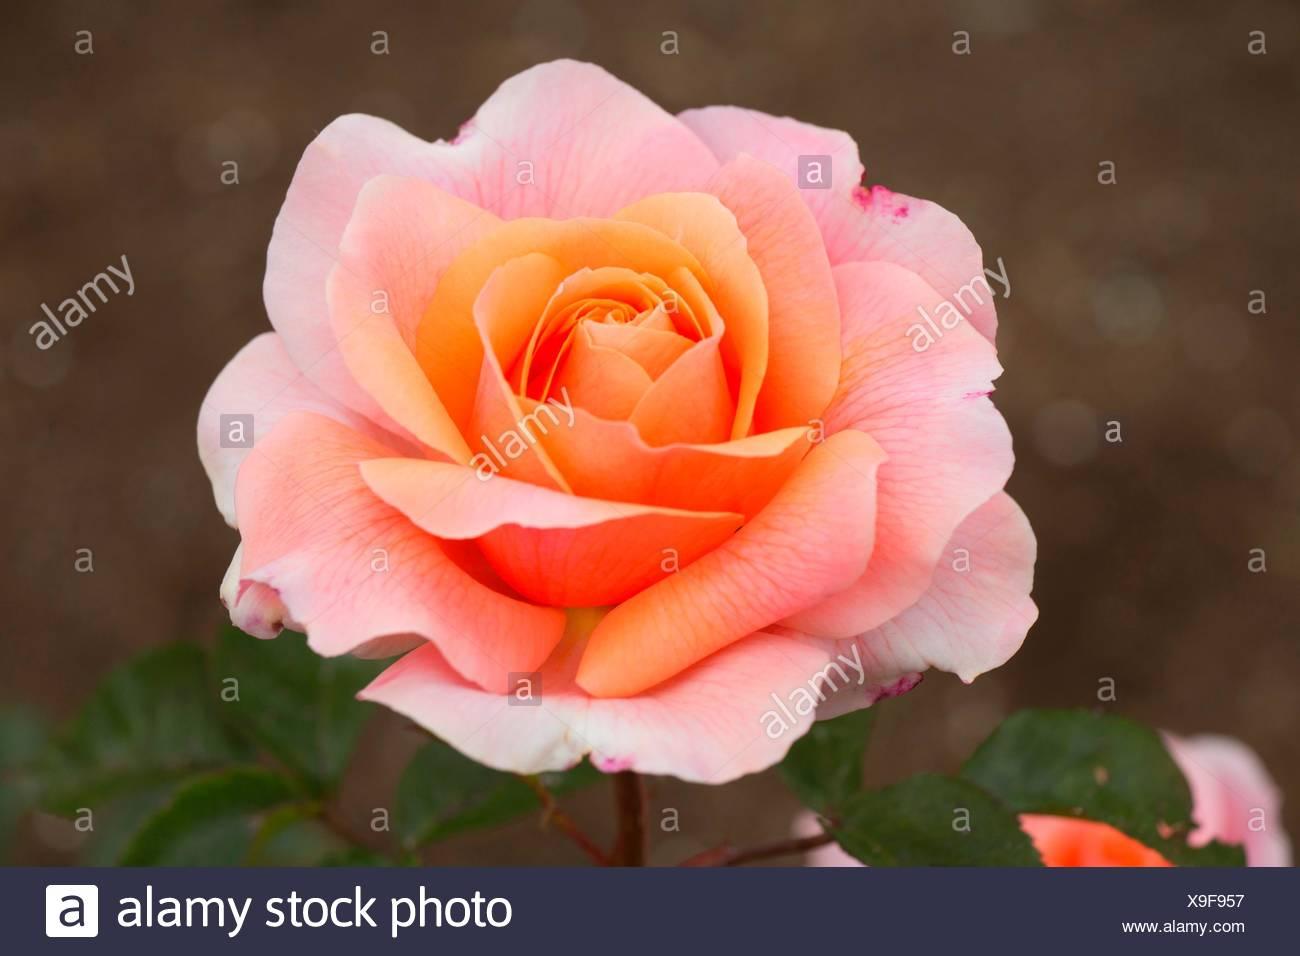 La riconciliazione è salito, cimelio di rose, San Paolo, Oregon. Foto Stock